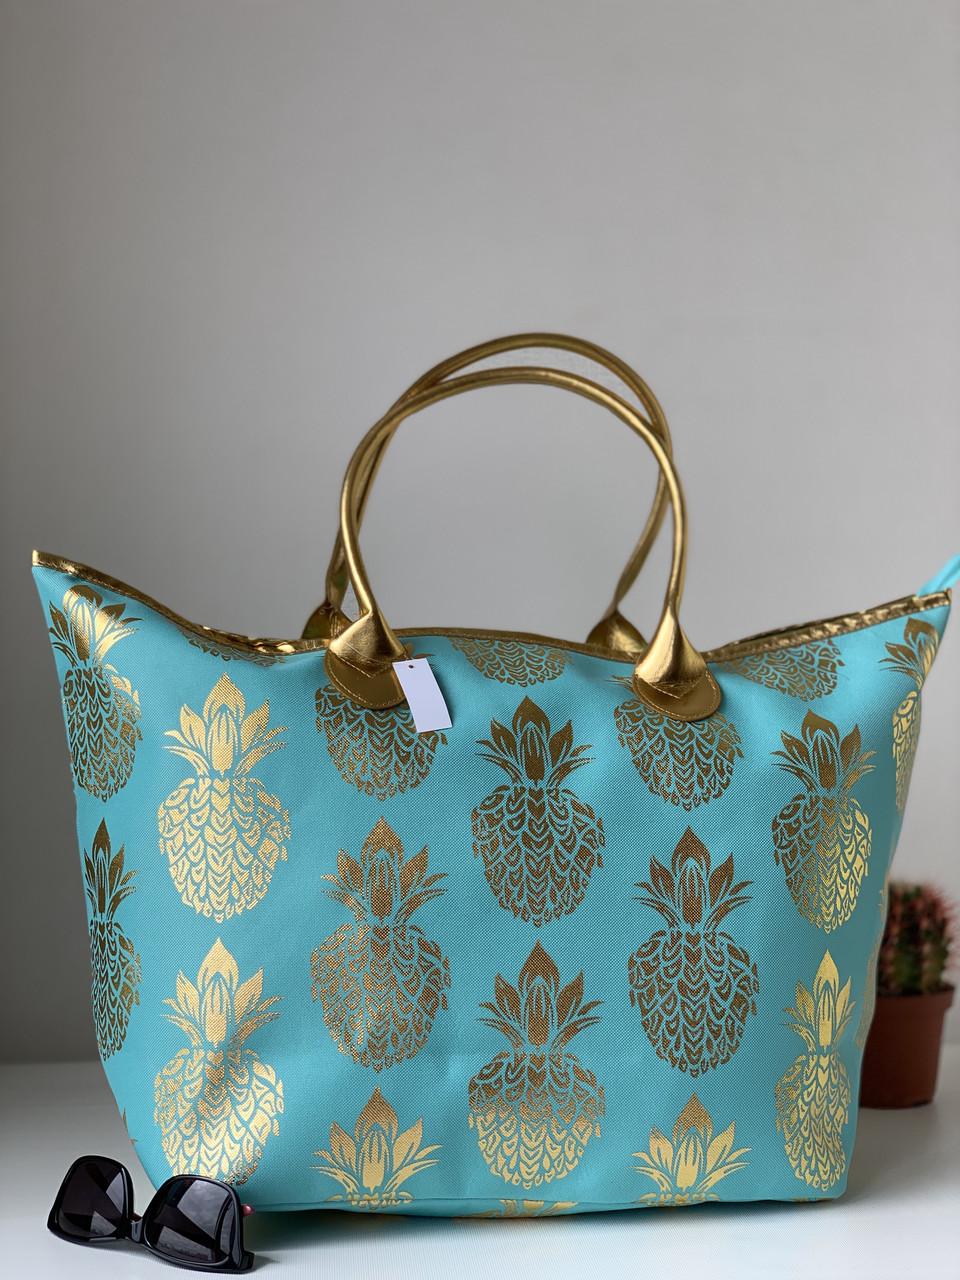 Пляжна сумка бірюзова містка яскрава тканинна з візерунком ананас